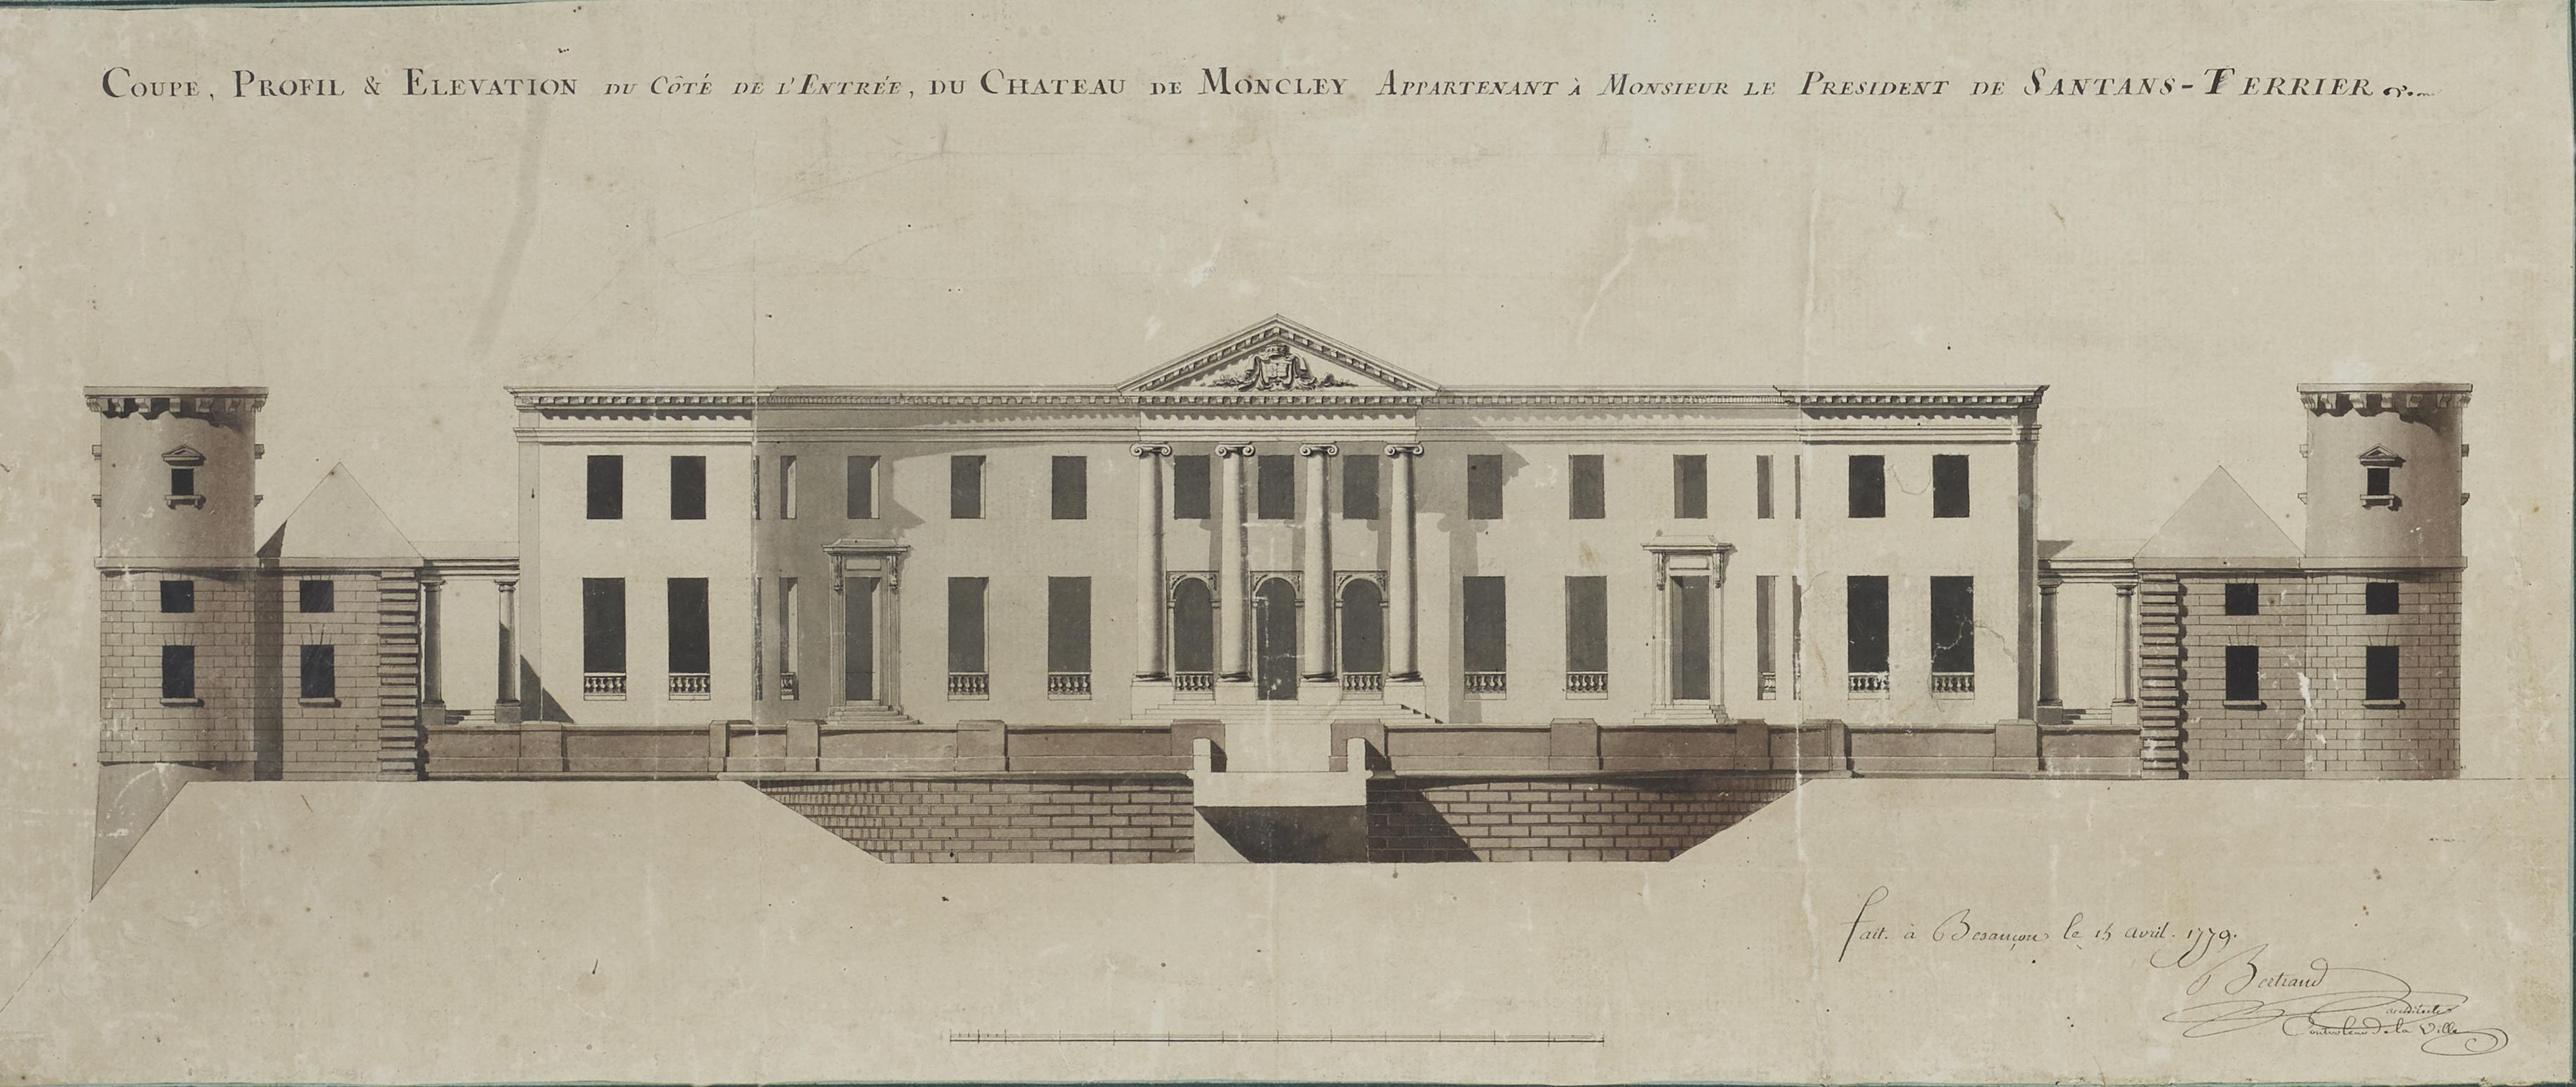 Plan d'architecte pour le Château de Moncley